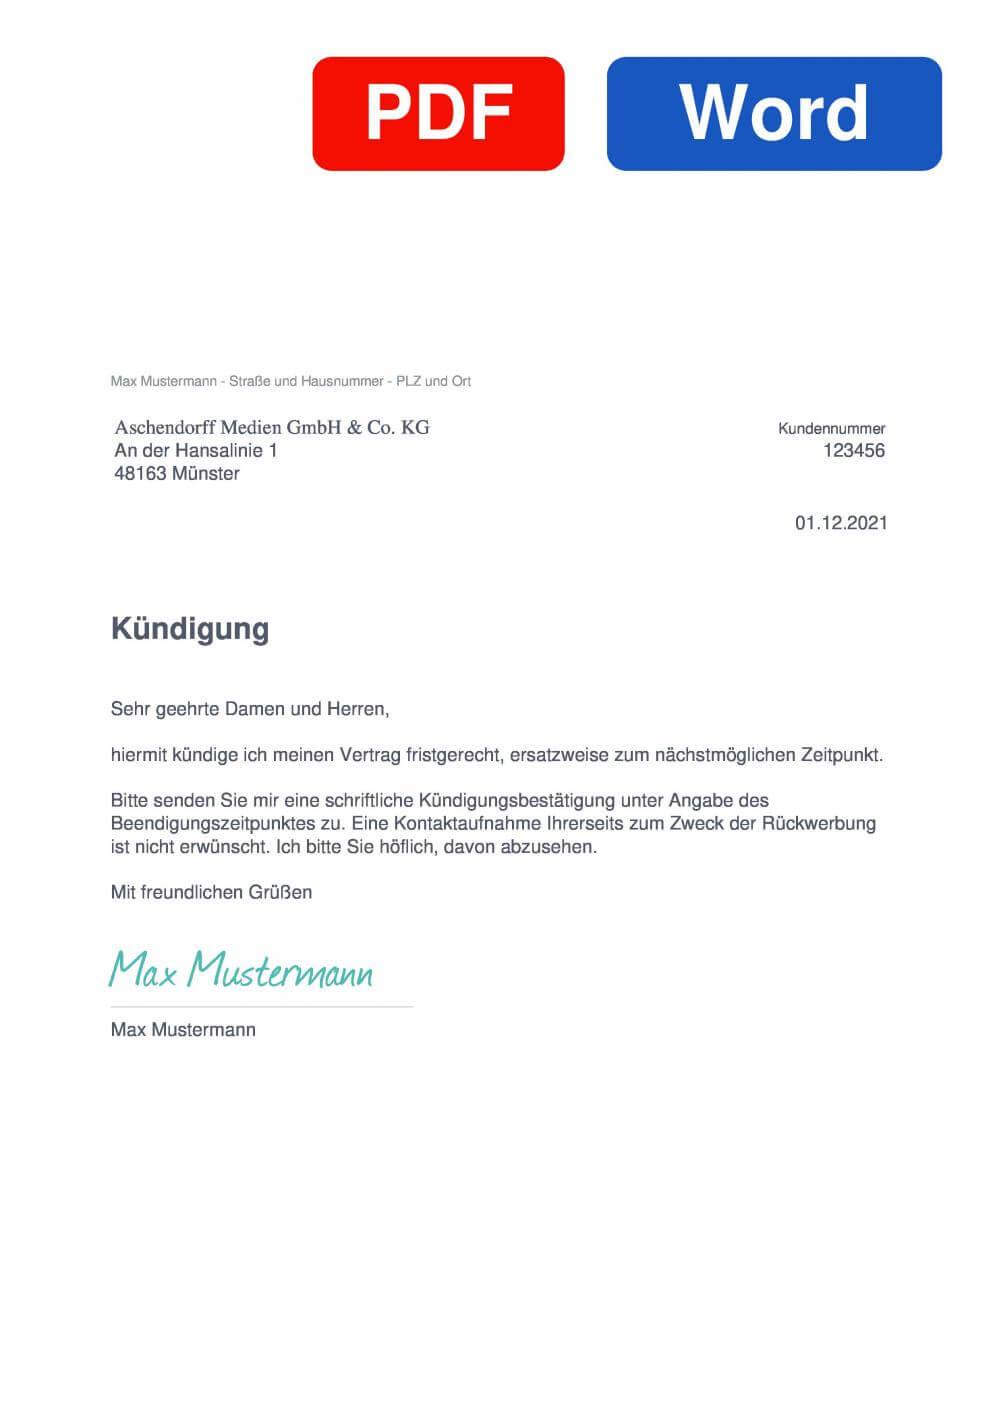 Westfälische Nachrichten Muster Vorlage für Kündigungsschreiben